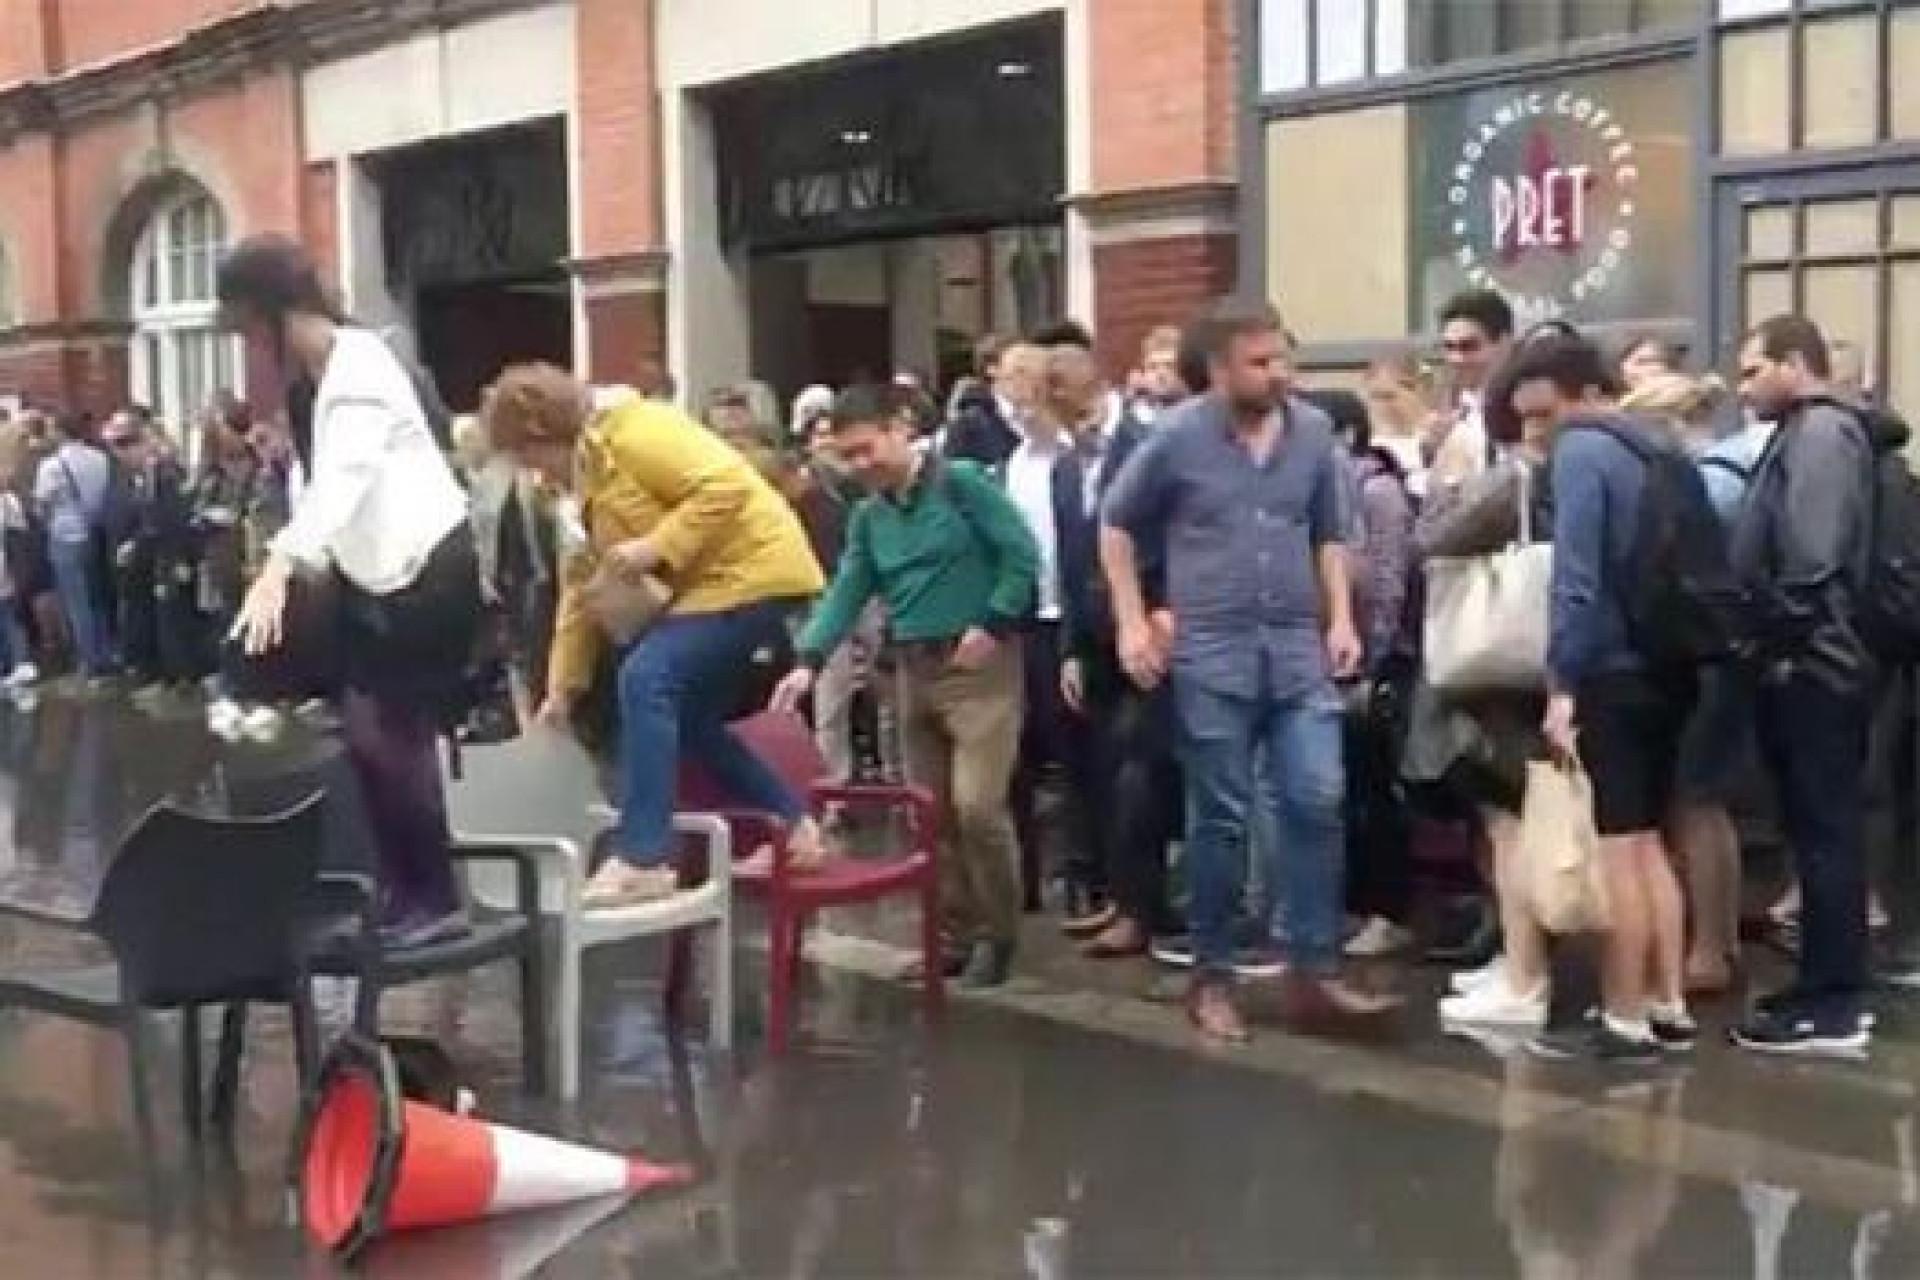 Inundação à porta de estação de metro? Há que ser criativo